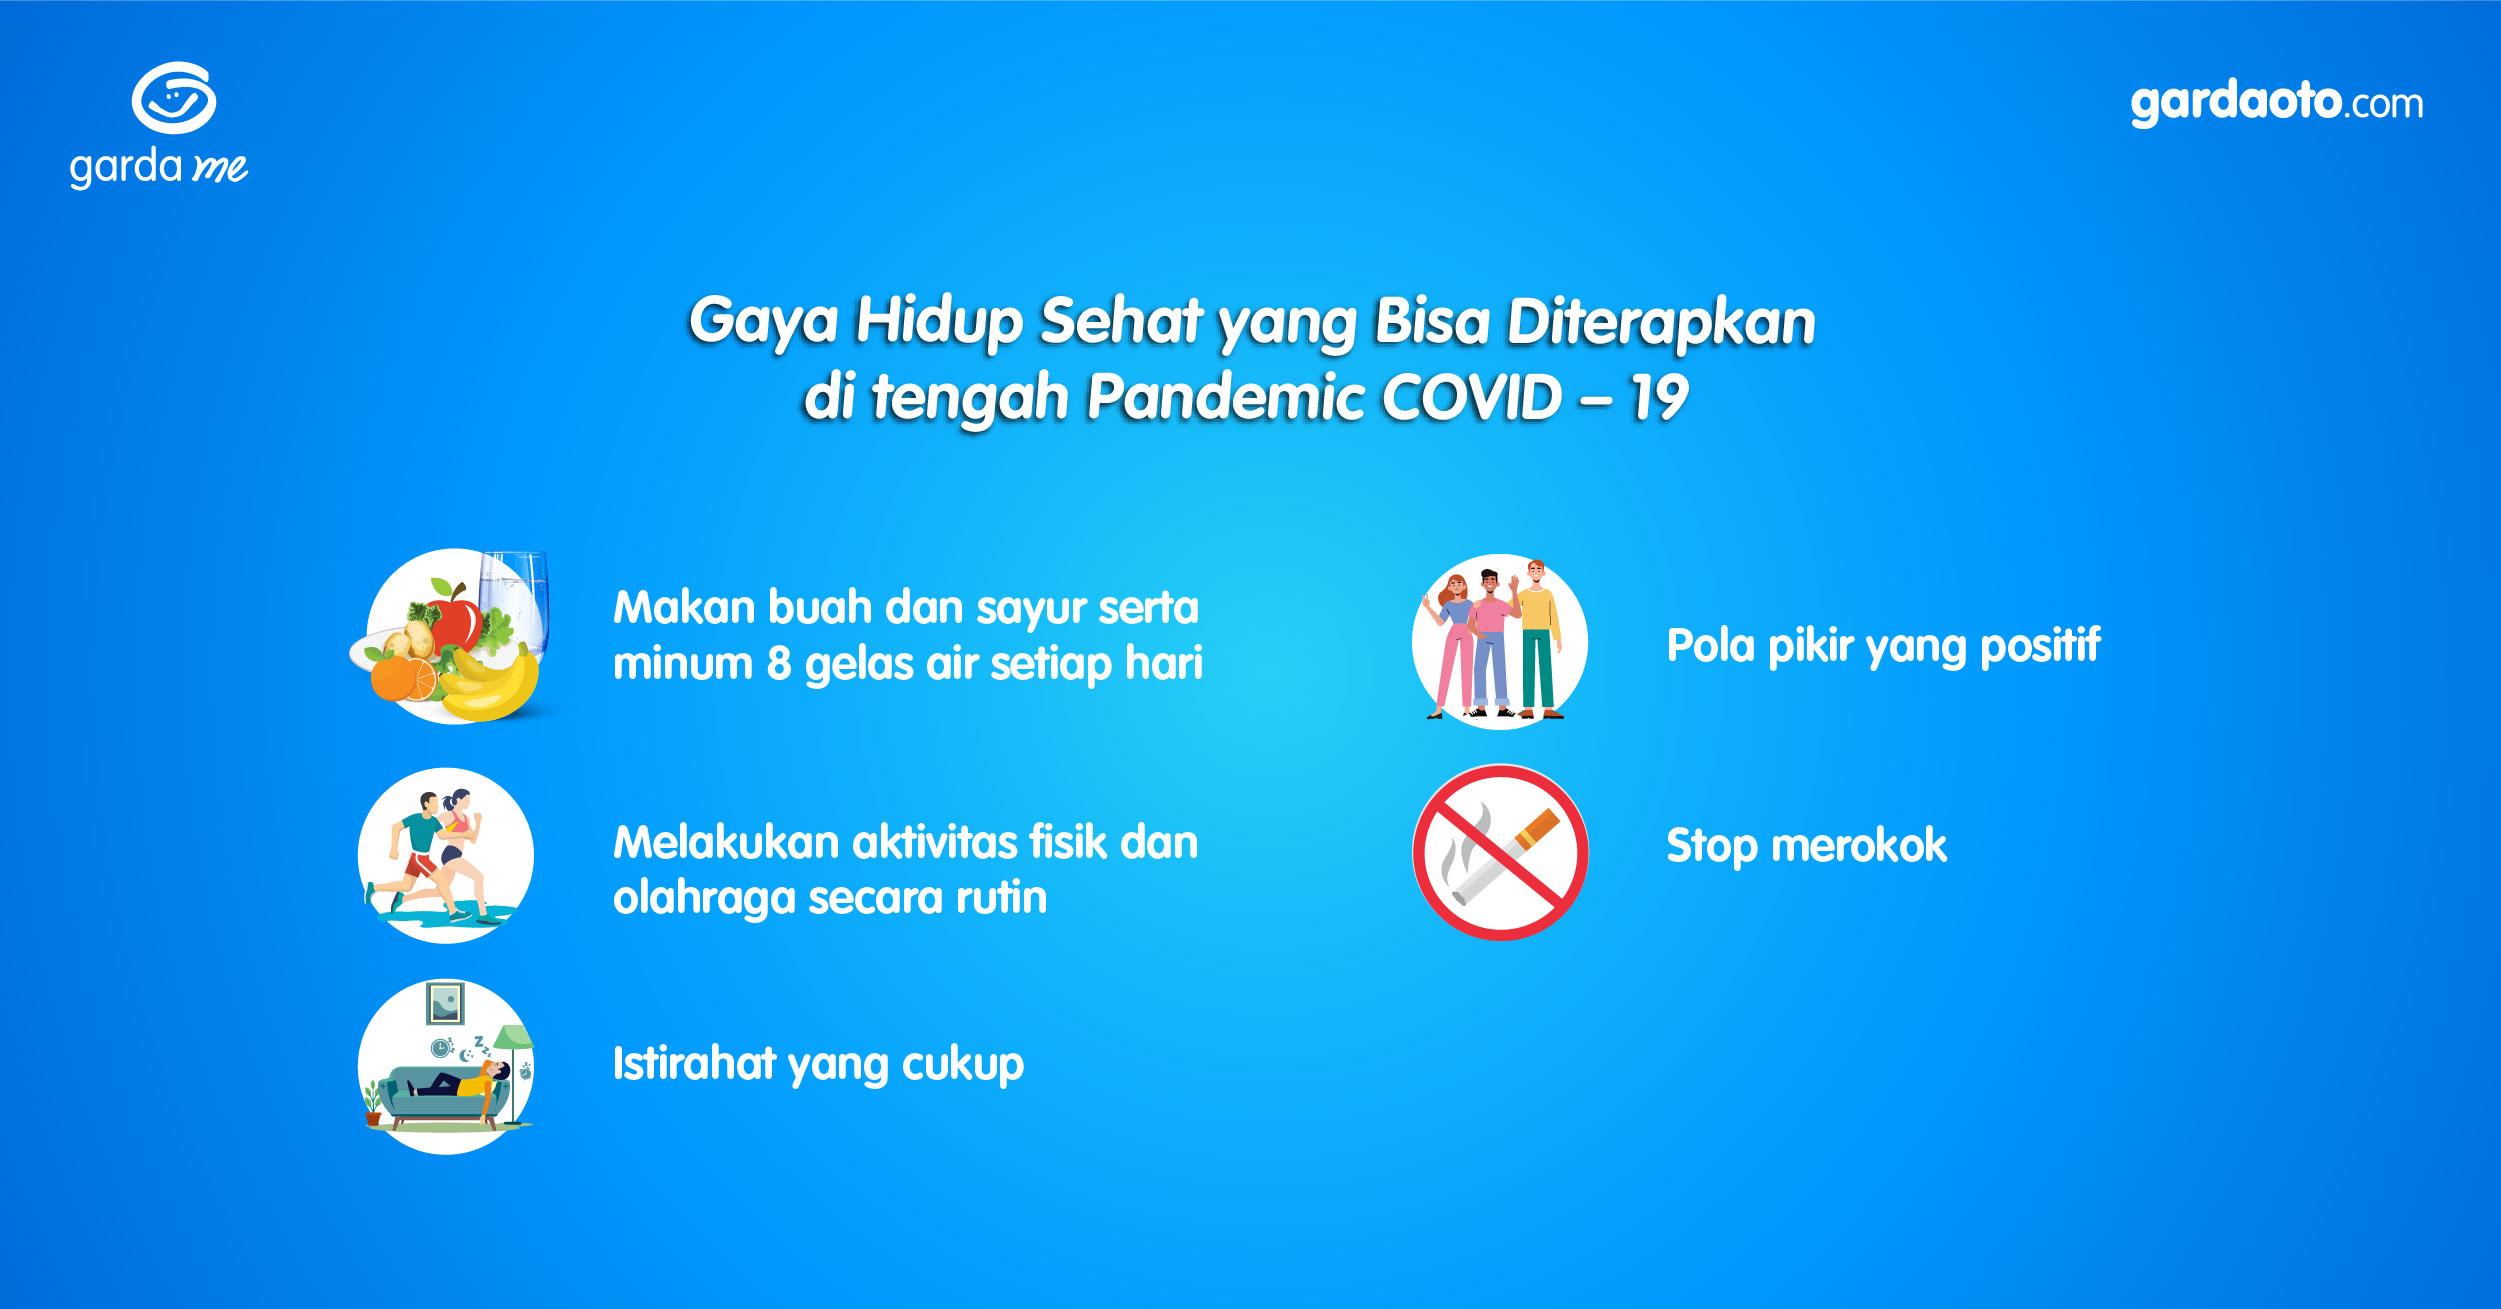 Gaya Hidup Sehat Yang Bisa Diterapkan Di Tengah Pandemic Covid 19 Asuransi Lengkap Premi Murah Dan Terjangkau